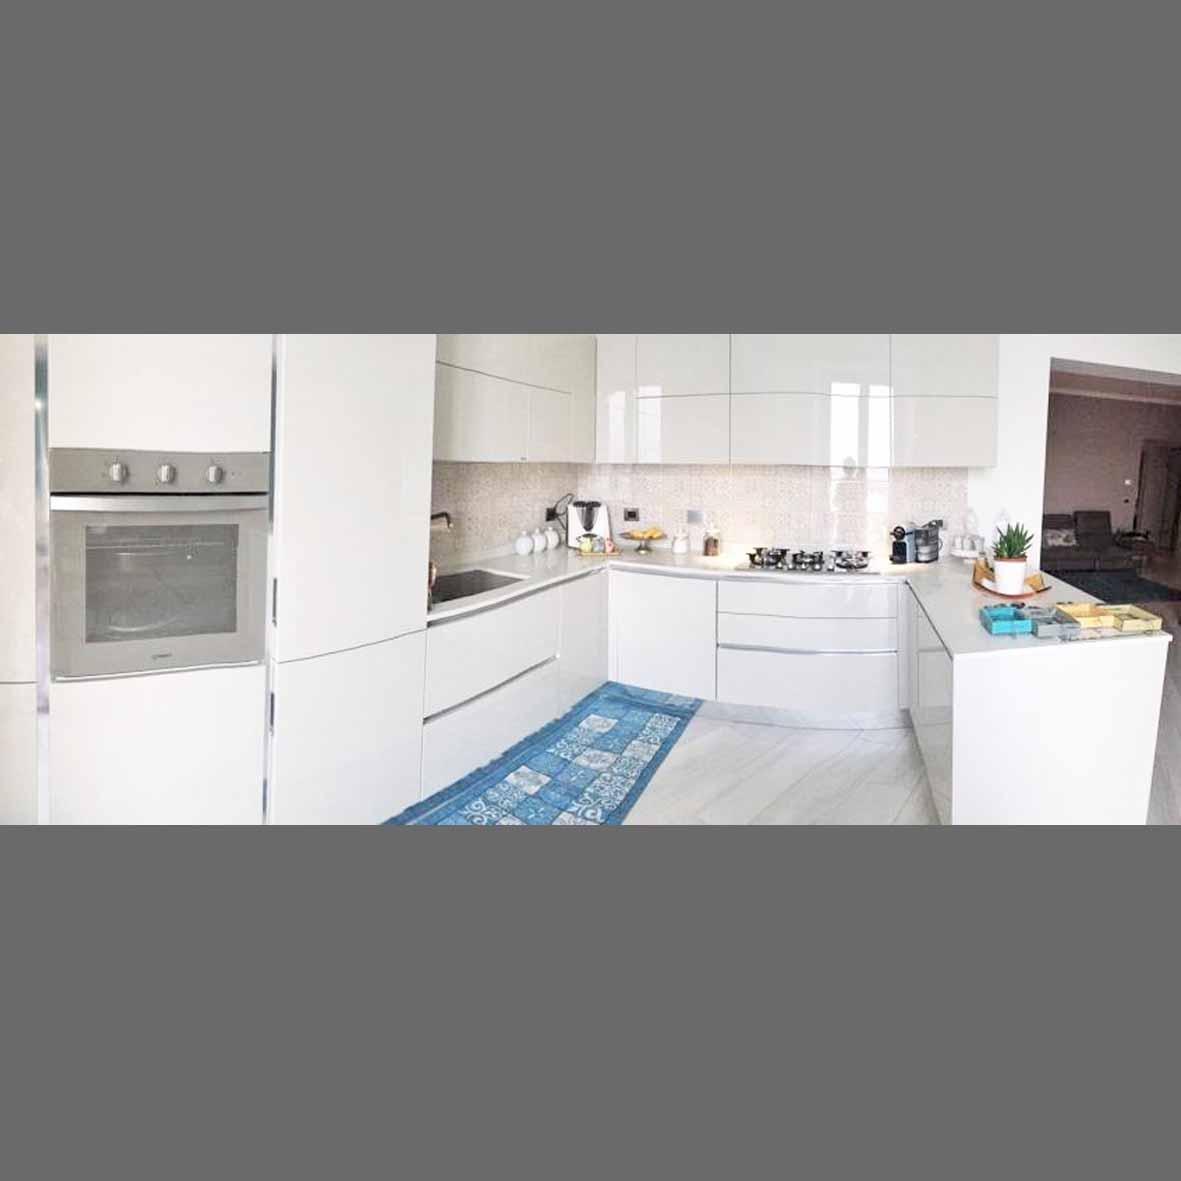 cucina-b 50-berloni-centro dell'arredamento-savona